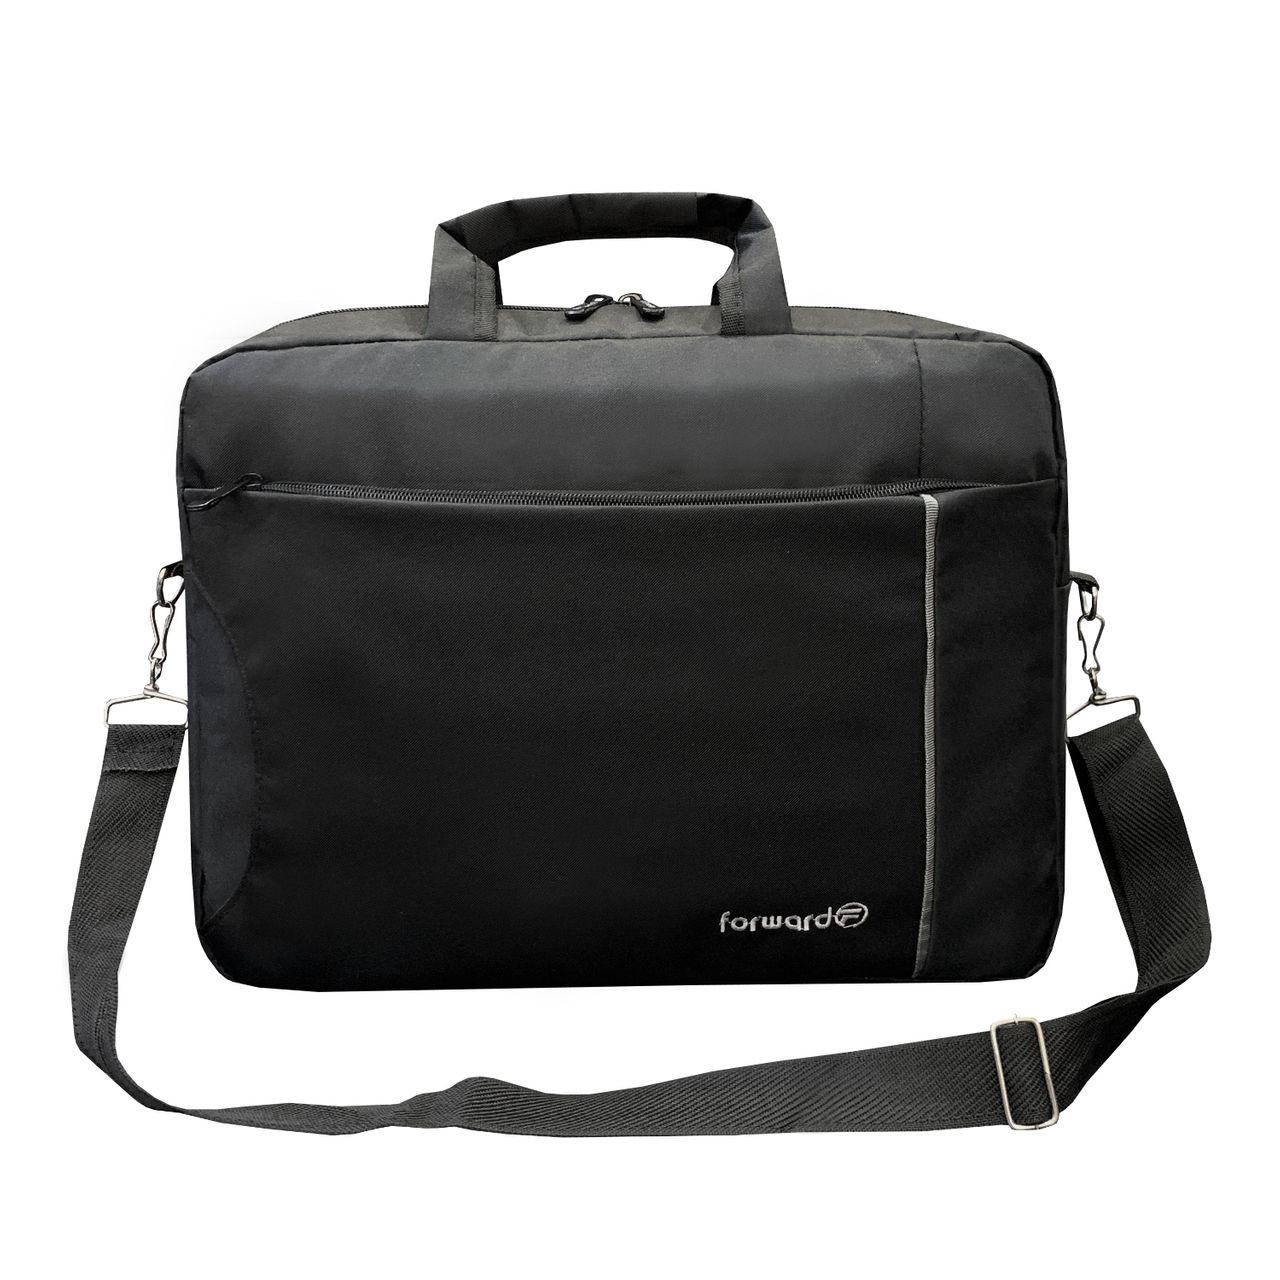 کیف لپ تاپ فوروارد مدل FCLT098 مناسب برای لپ تاپ 15.6 اینچی